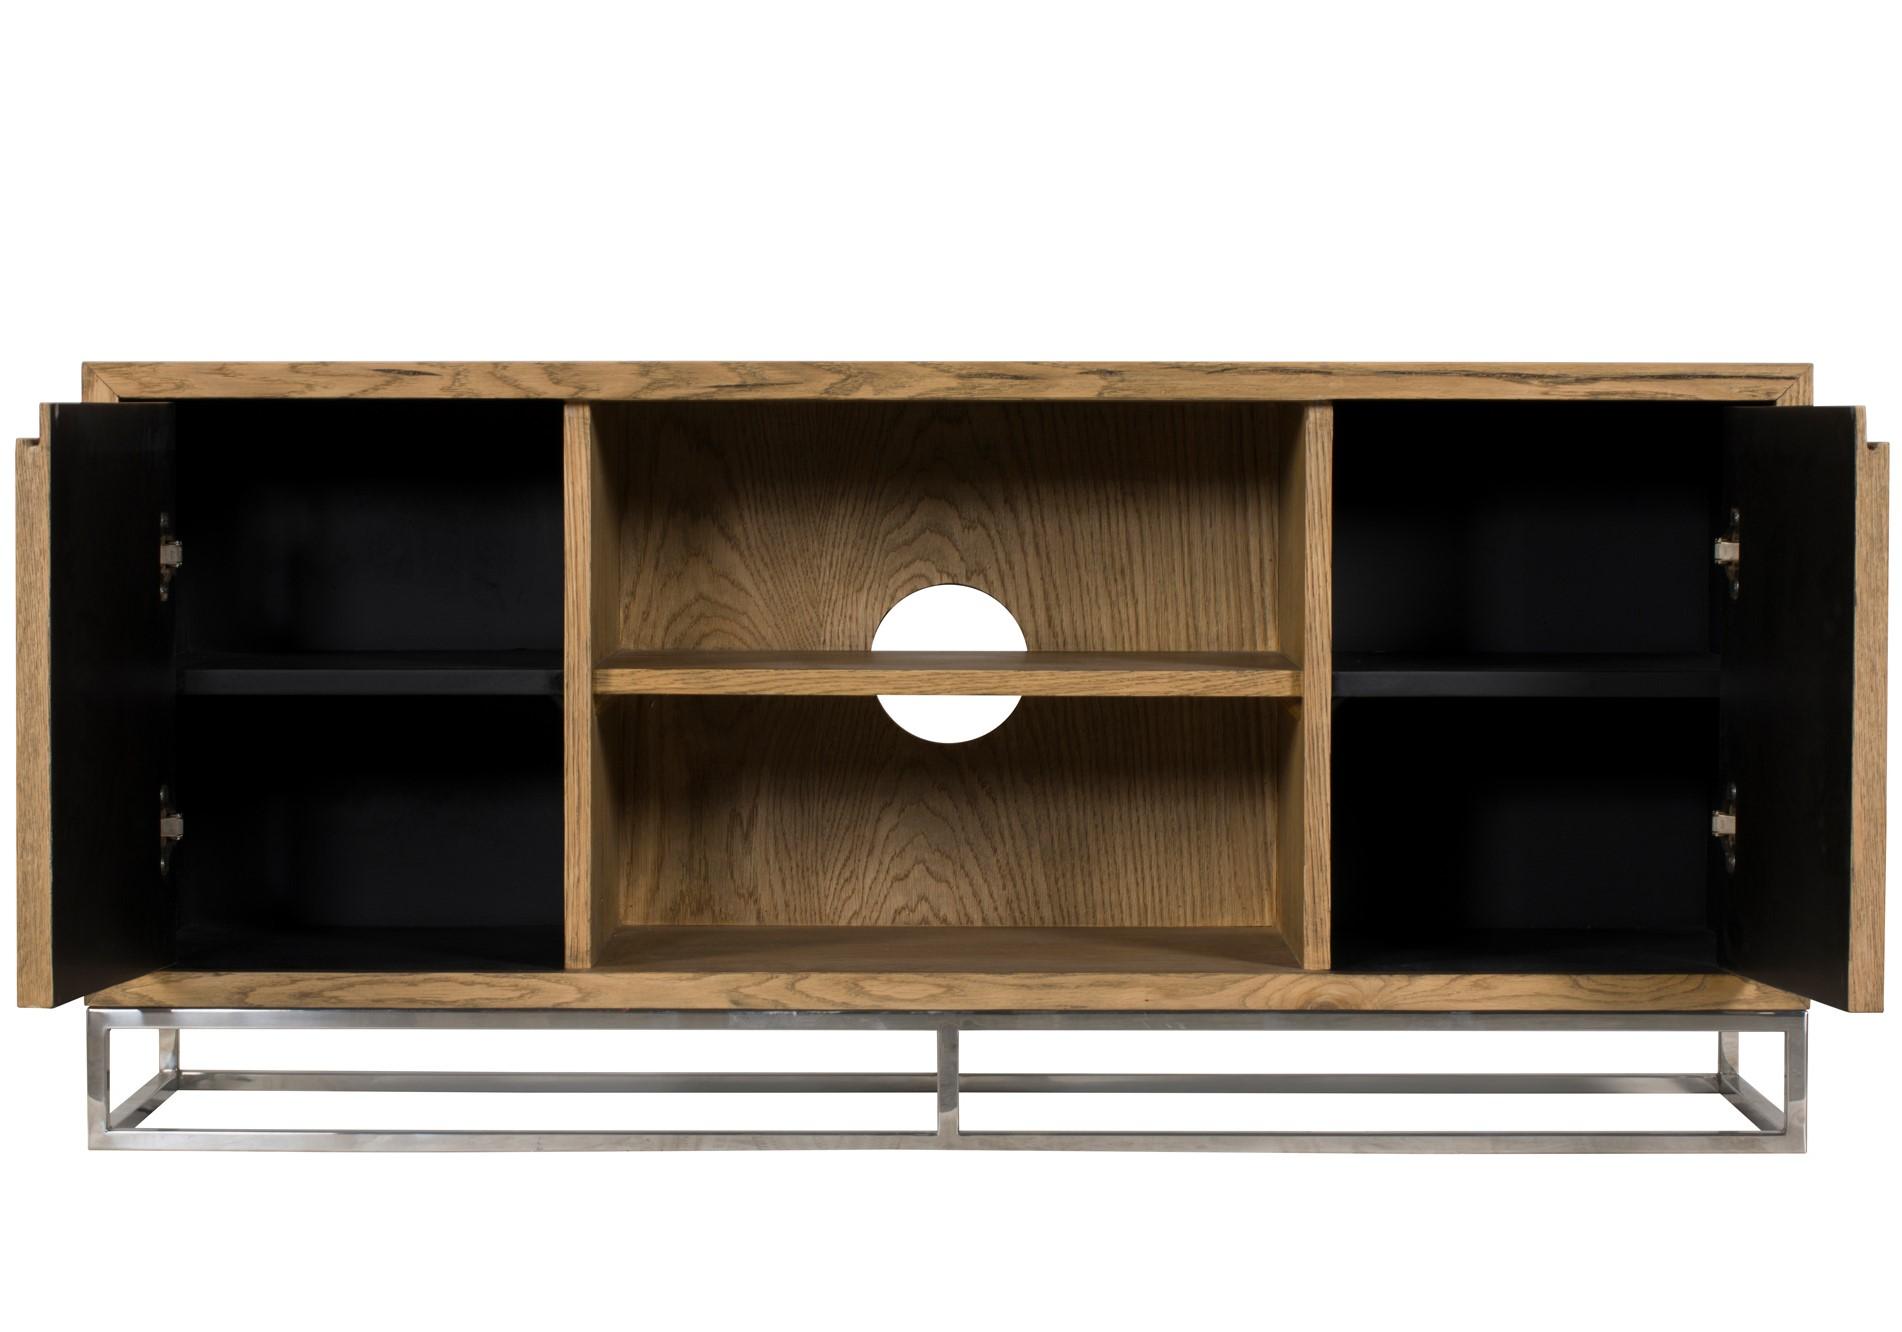 meuble tv moderne chene acier 120 cm riverside meubles tv pier import